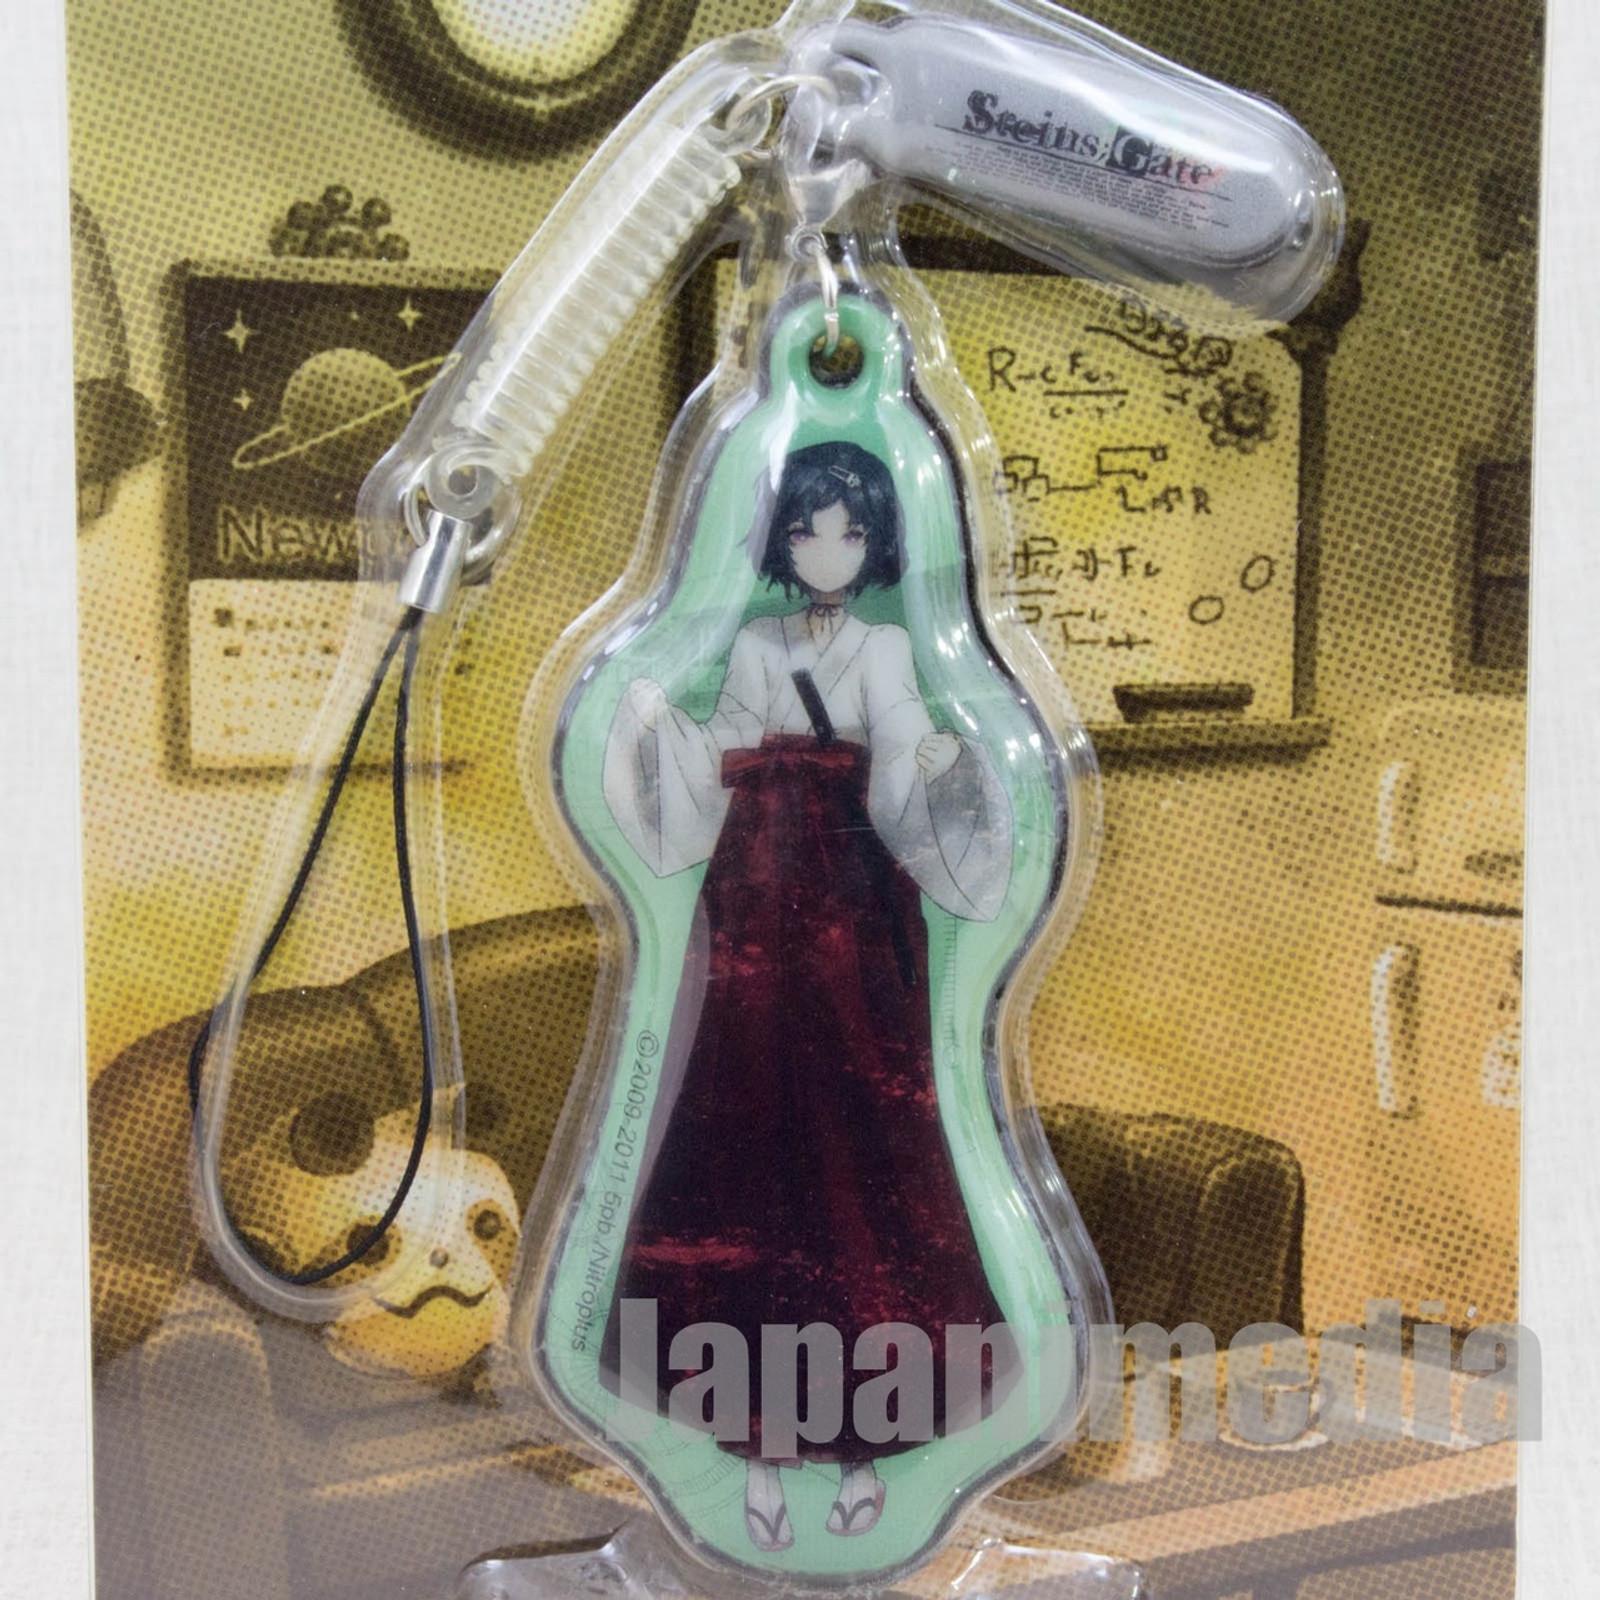 Steins ; Gate Ruka Urushibara Display Cleaner Mascot Strap Taito JAPAN ANIME